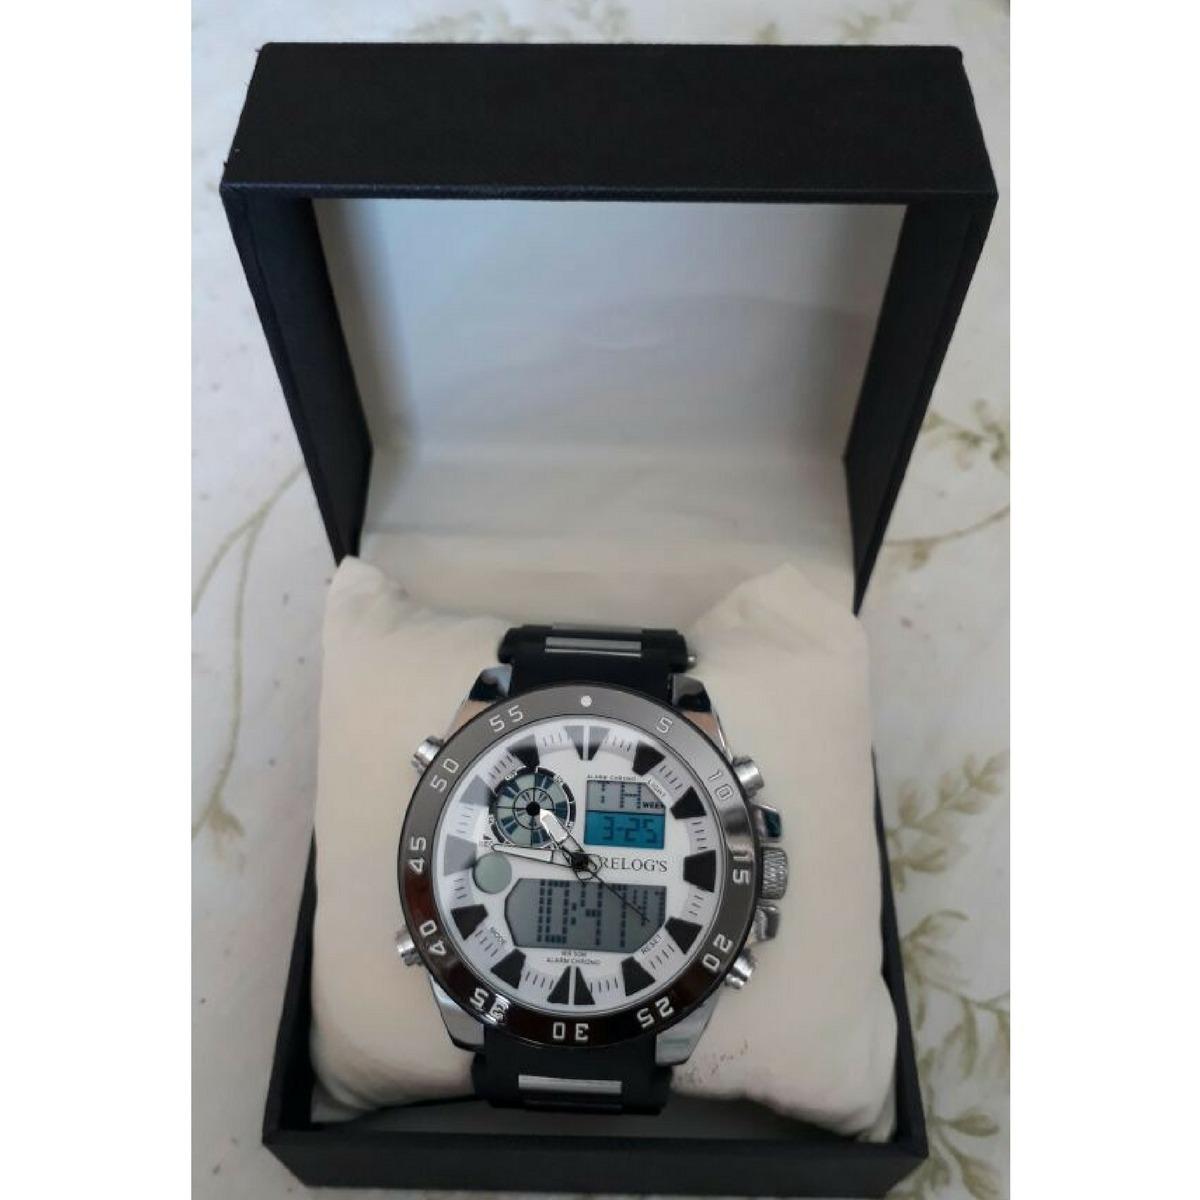 46cab973c61 Relógio Masculino Relog s Modelo Rr8308 - Promoção - R  79